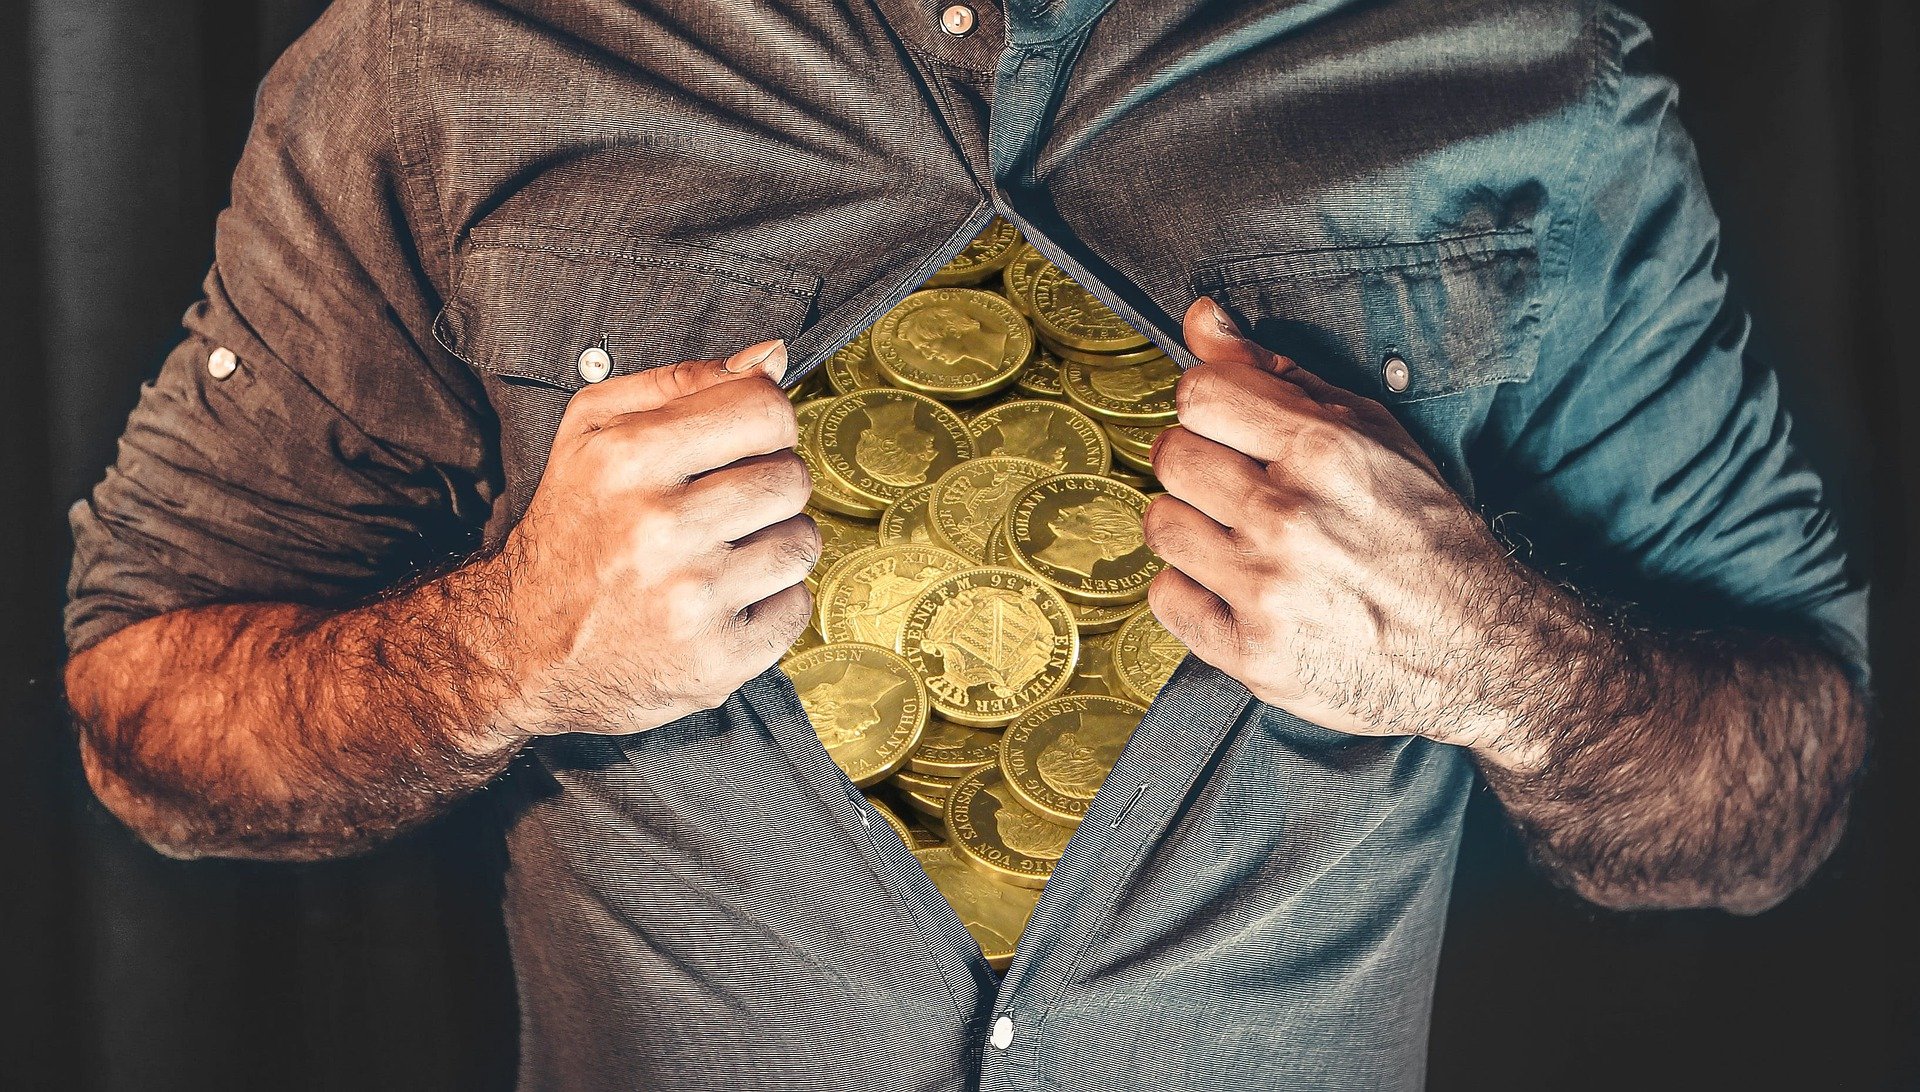 Τι να τα κάνω τα λεφτά σου, όταν δεν έχω την καρδιά σου;